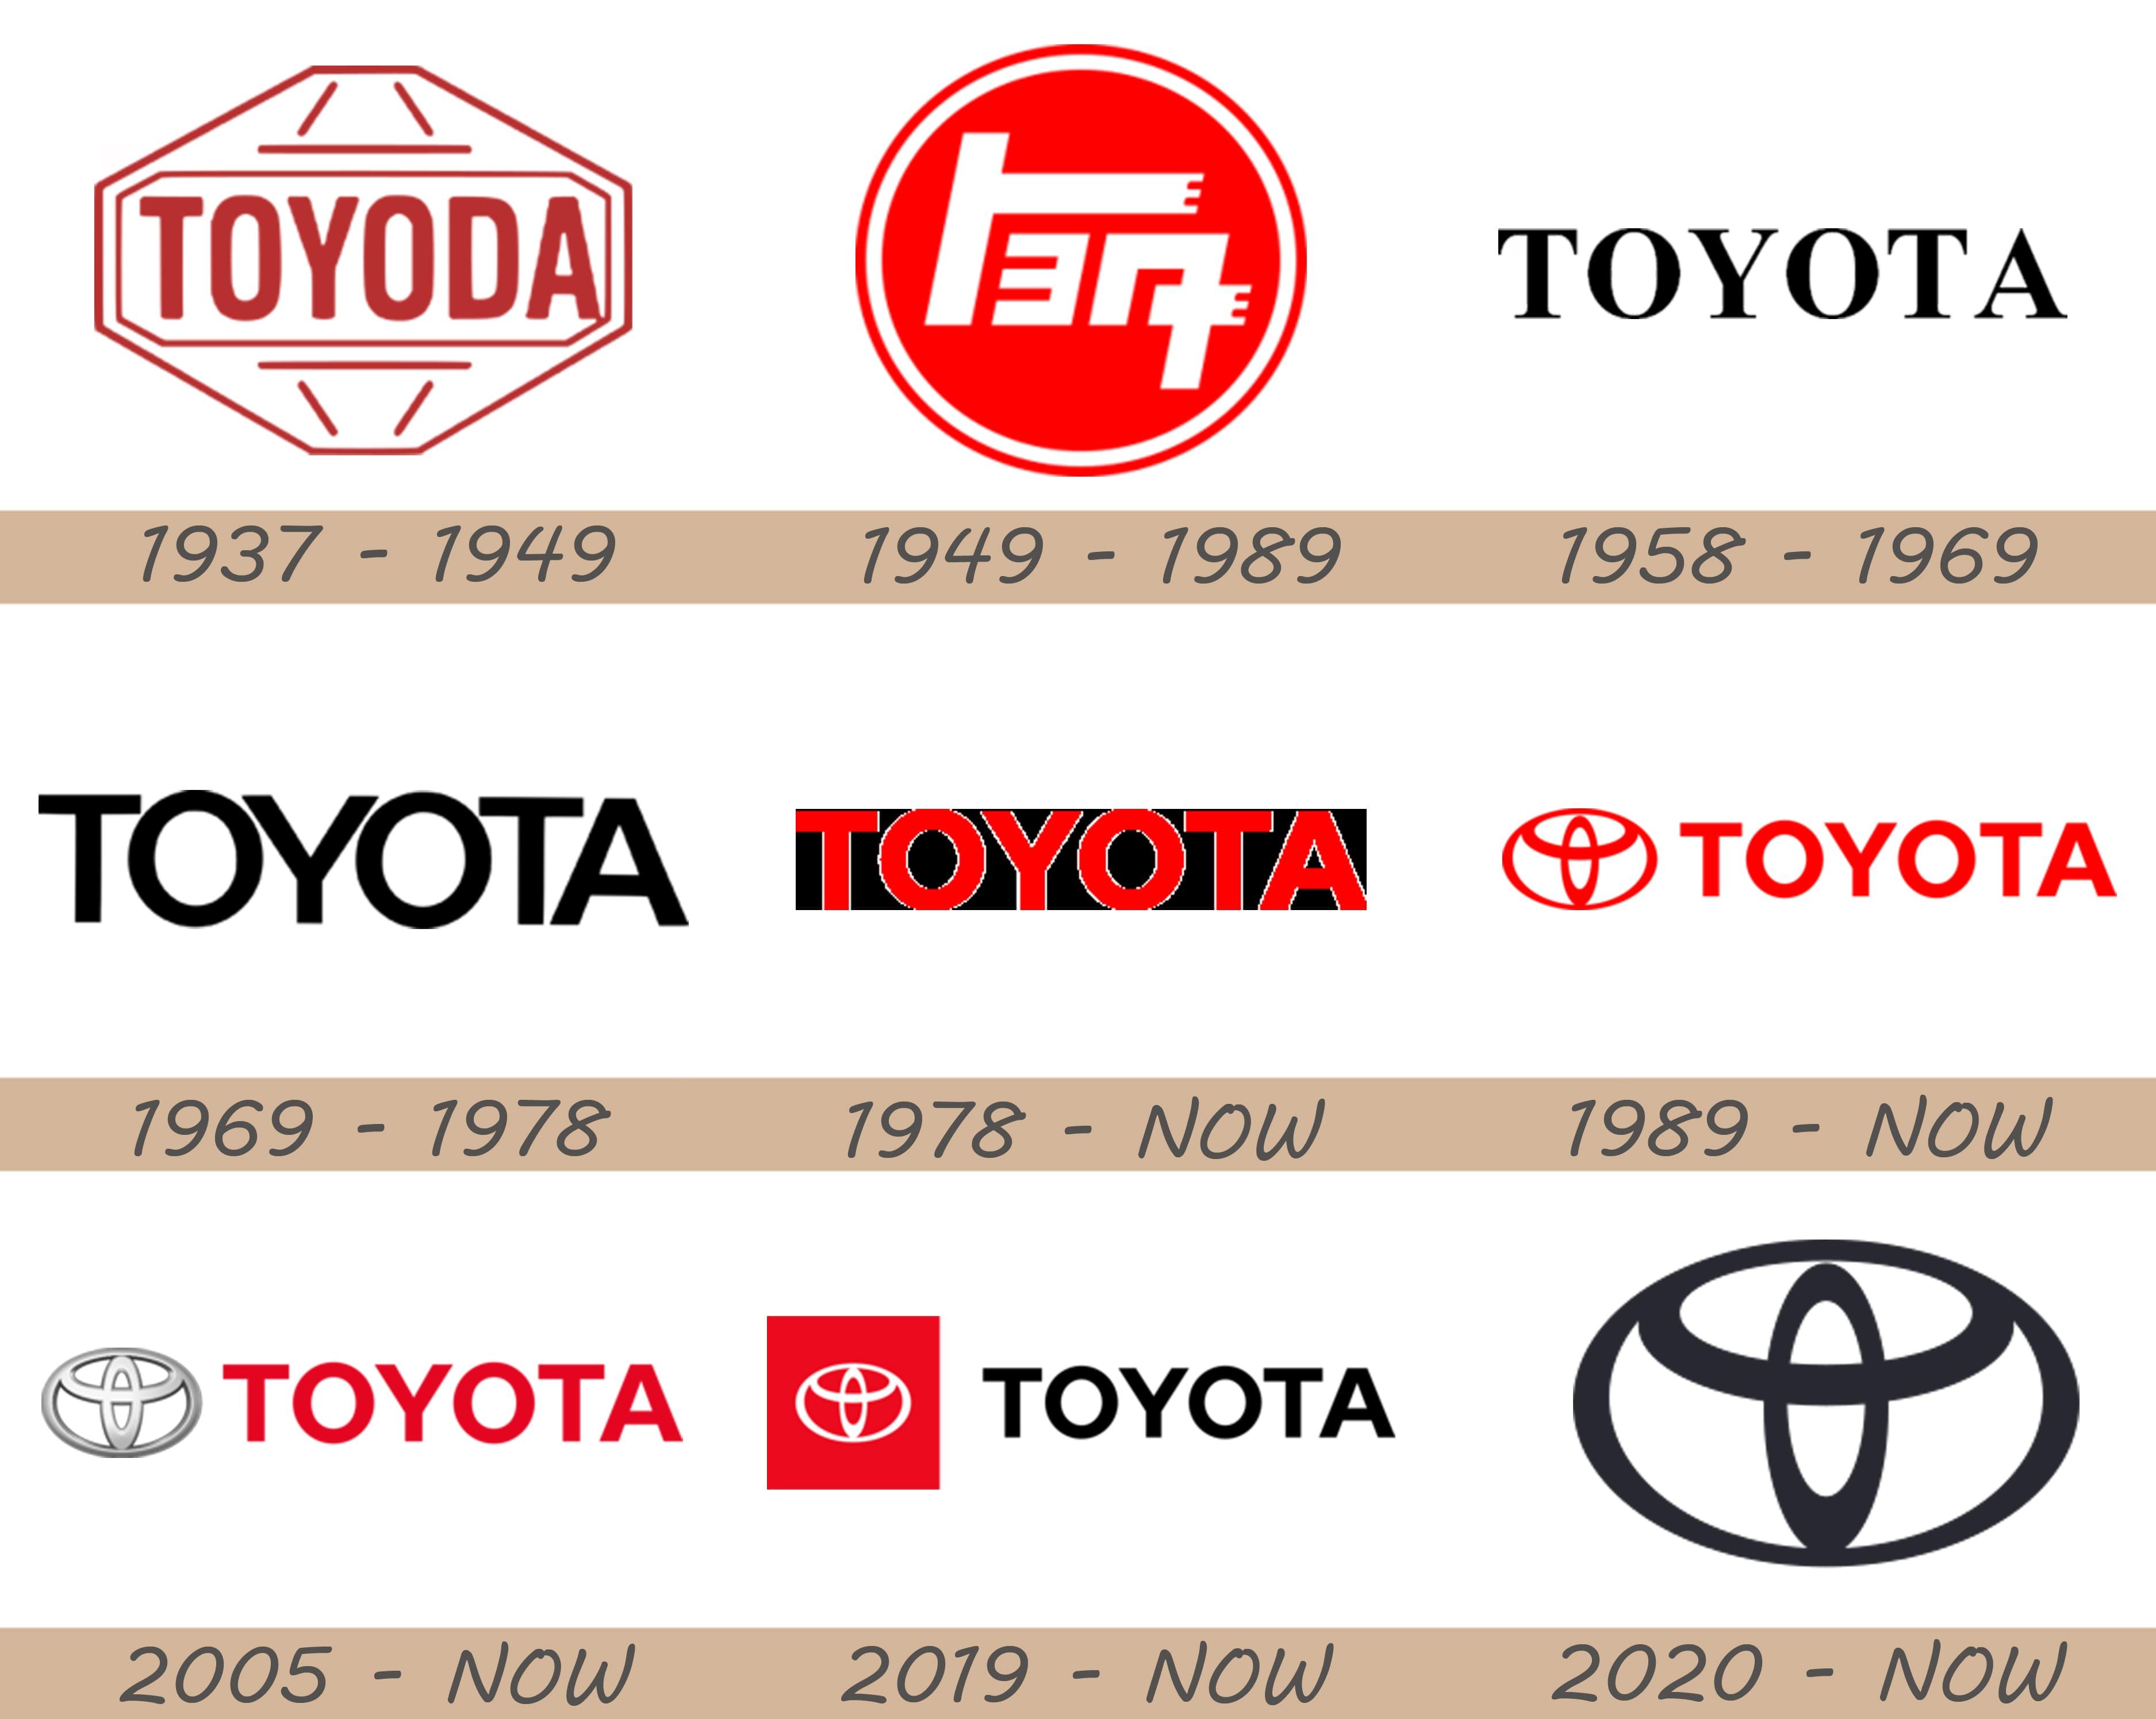 تويوتا: تاريخها وأهم طرازاتها ومبيعاتها